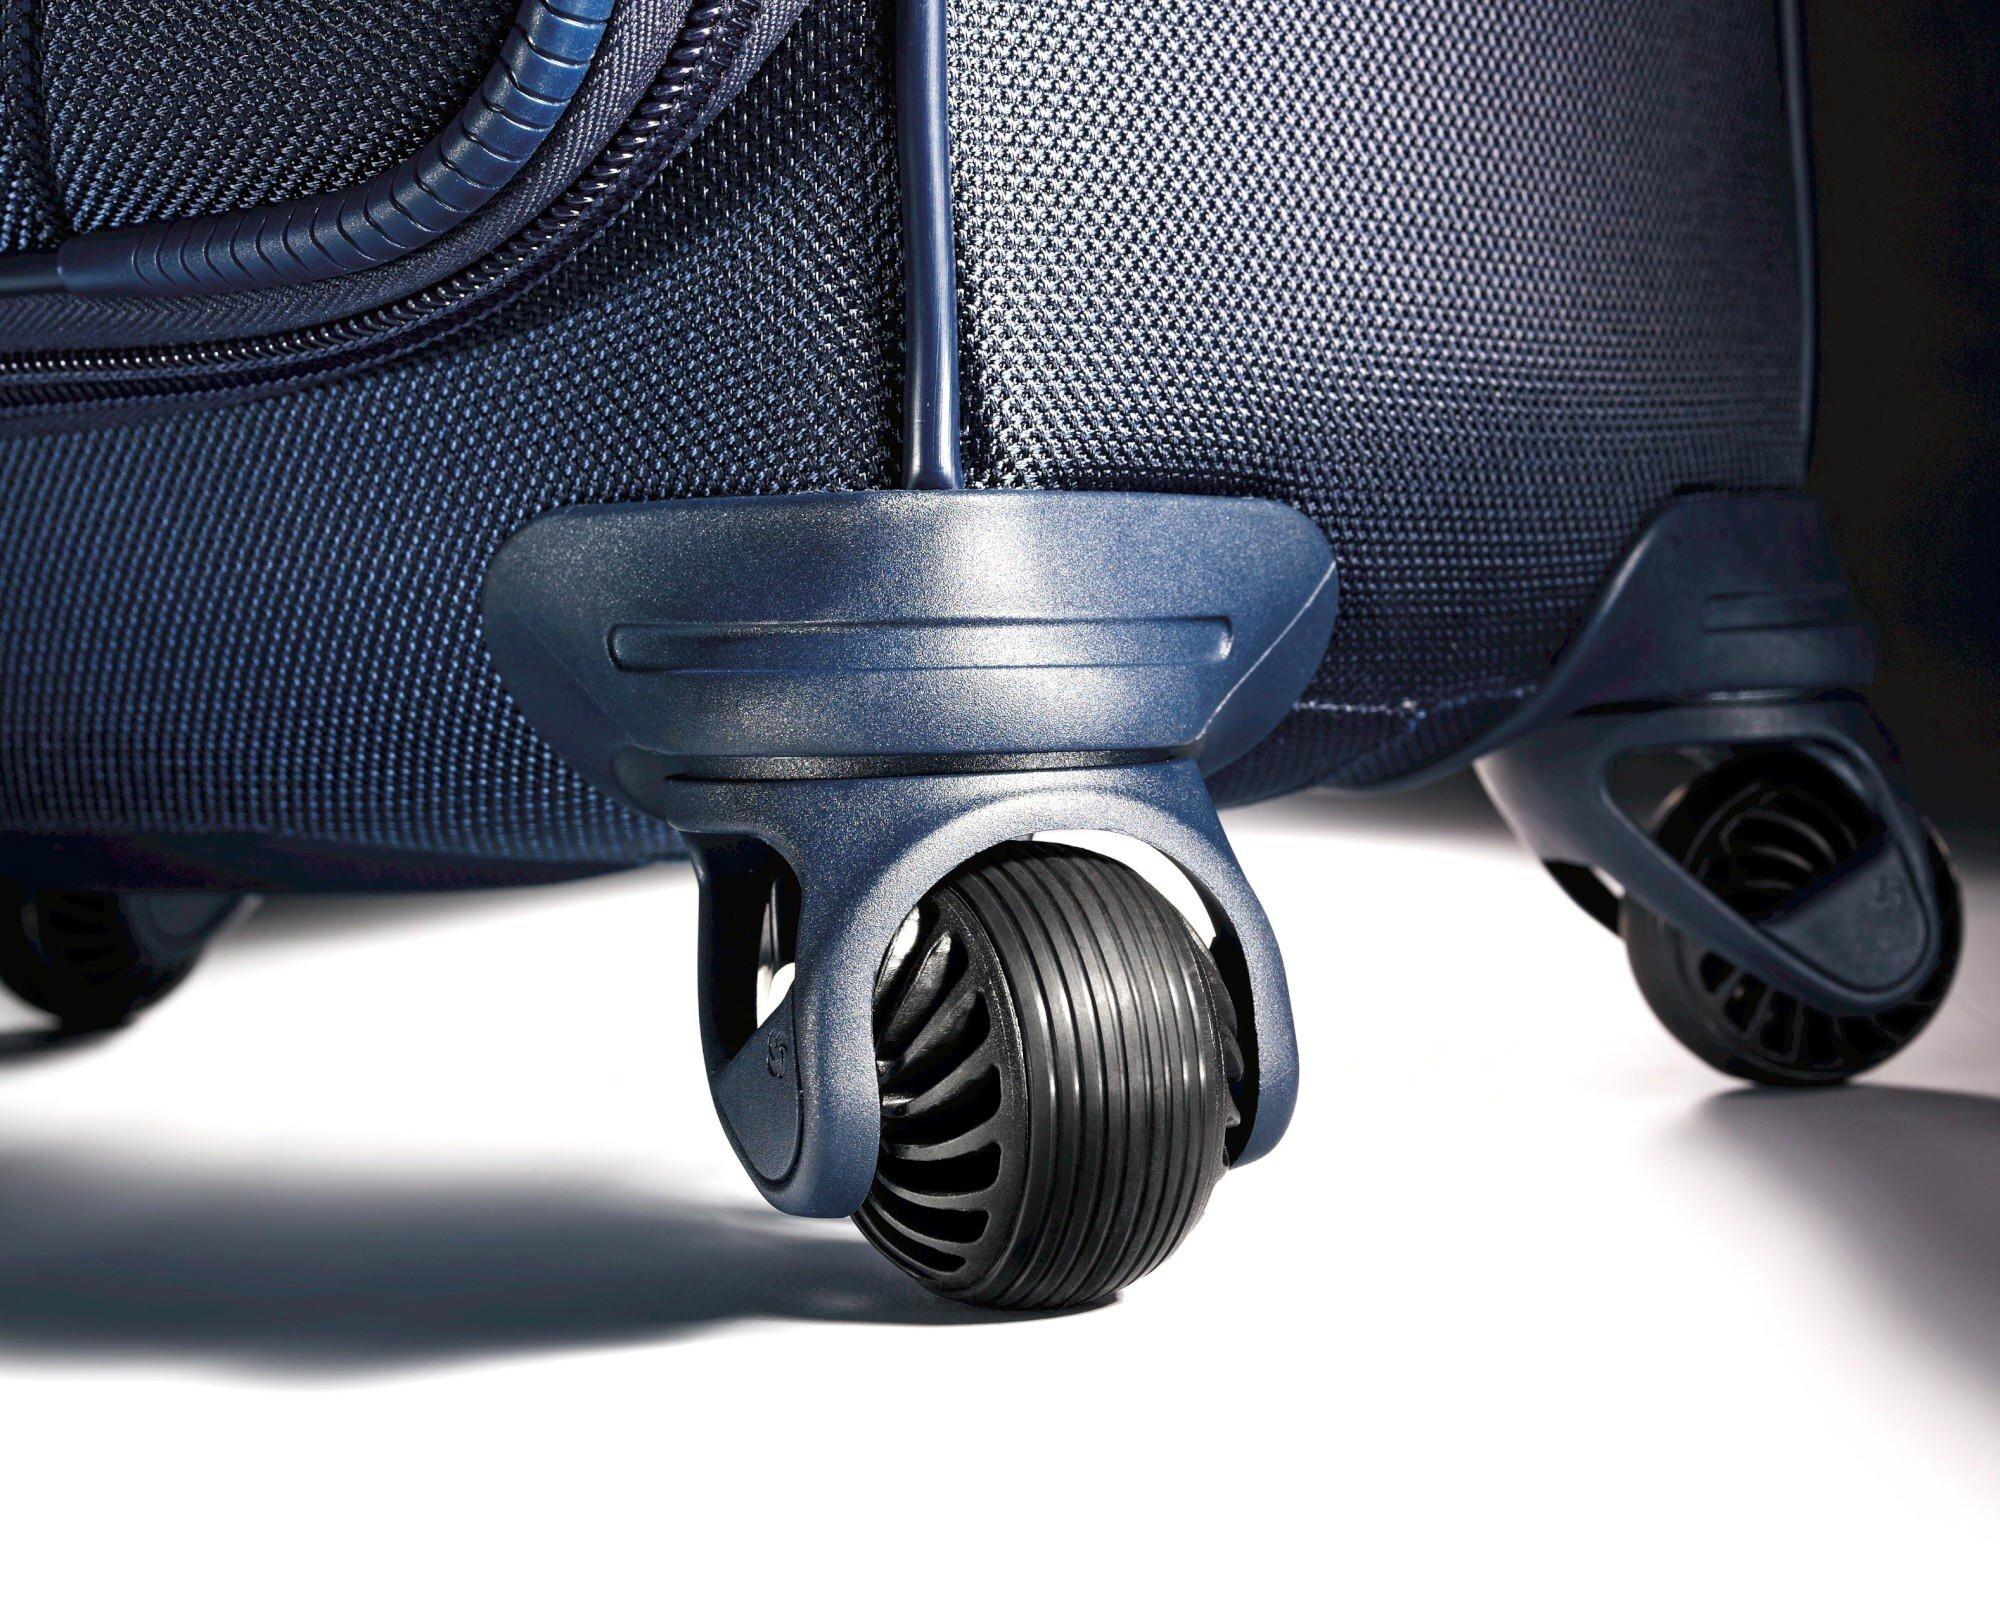 Việc quyết định vali 2 bánh hay 4 bánh tùy thuộc vào nhu cầu sử dụng của bạn